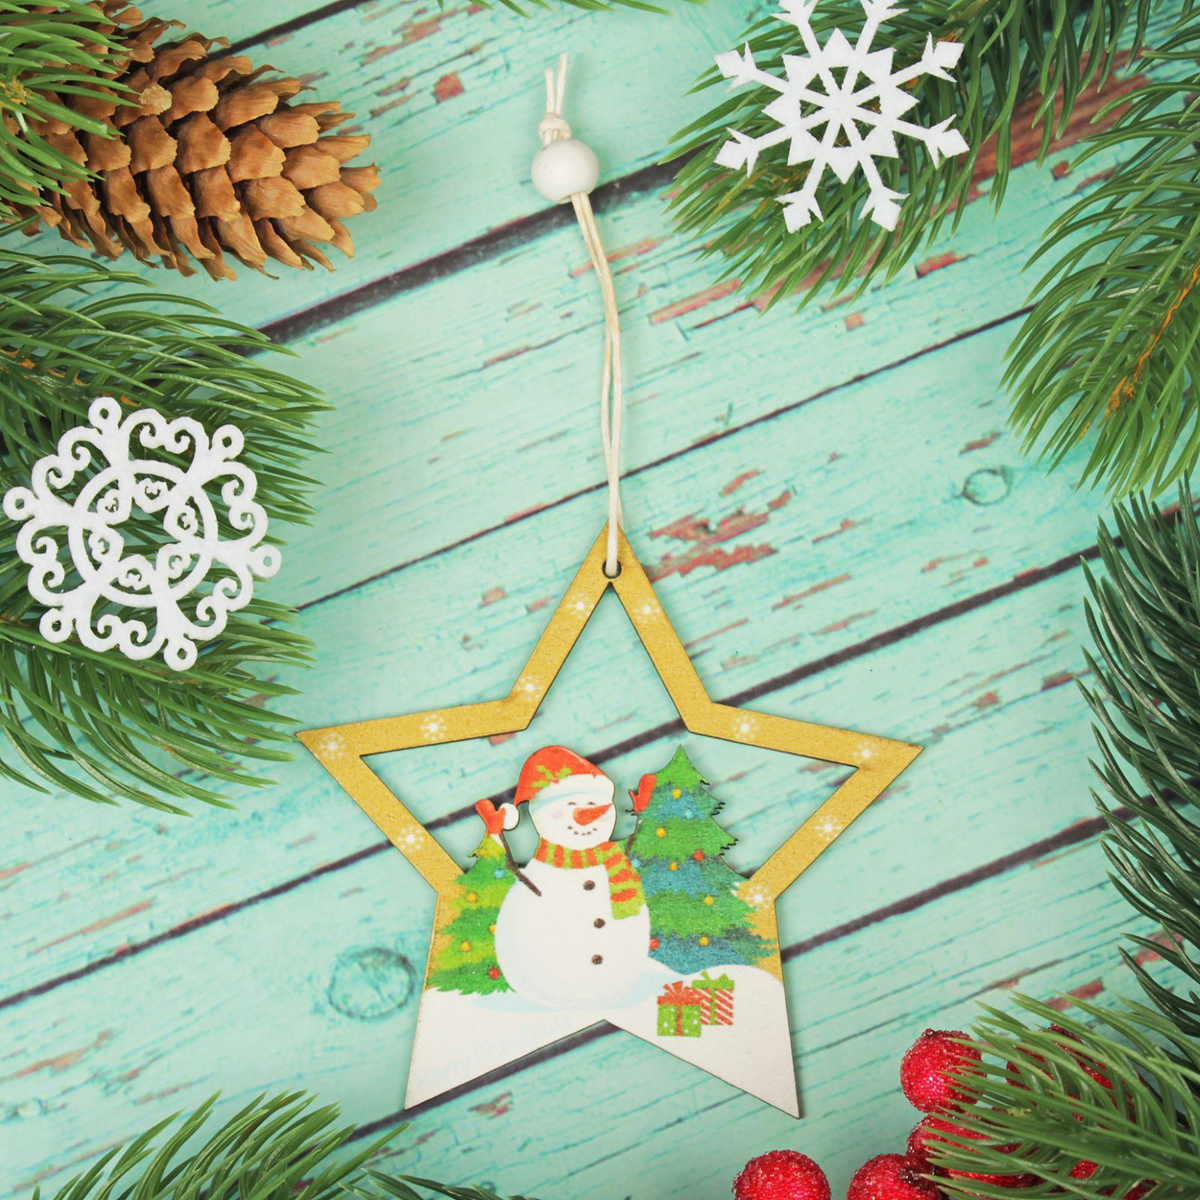 Подвеска новогодняя Снеговик в звезде, 8,8 х 8,8 см2303454Новогодняя подвеска Снеговик в звезде выполнена из дерева в виде звезды и снеговика. Подвеску можно повесить на елку благодаря специальному текстильному шнурку.Невозможно представить нашу жизнь без праздников! Мы всегда ждем их и предвкушаем, обдумываем, как проведем памятный день, тщательно выбираем подарки и аксессуары, ведь именно они создают и поддерживают торжественный настрой. Это отличный выбор, который привнесет атмосферу праздника в ваш дом!